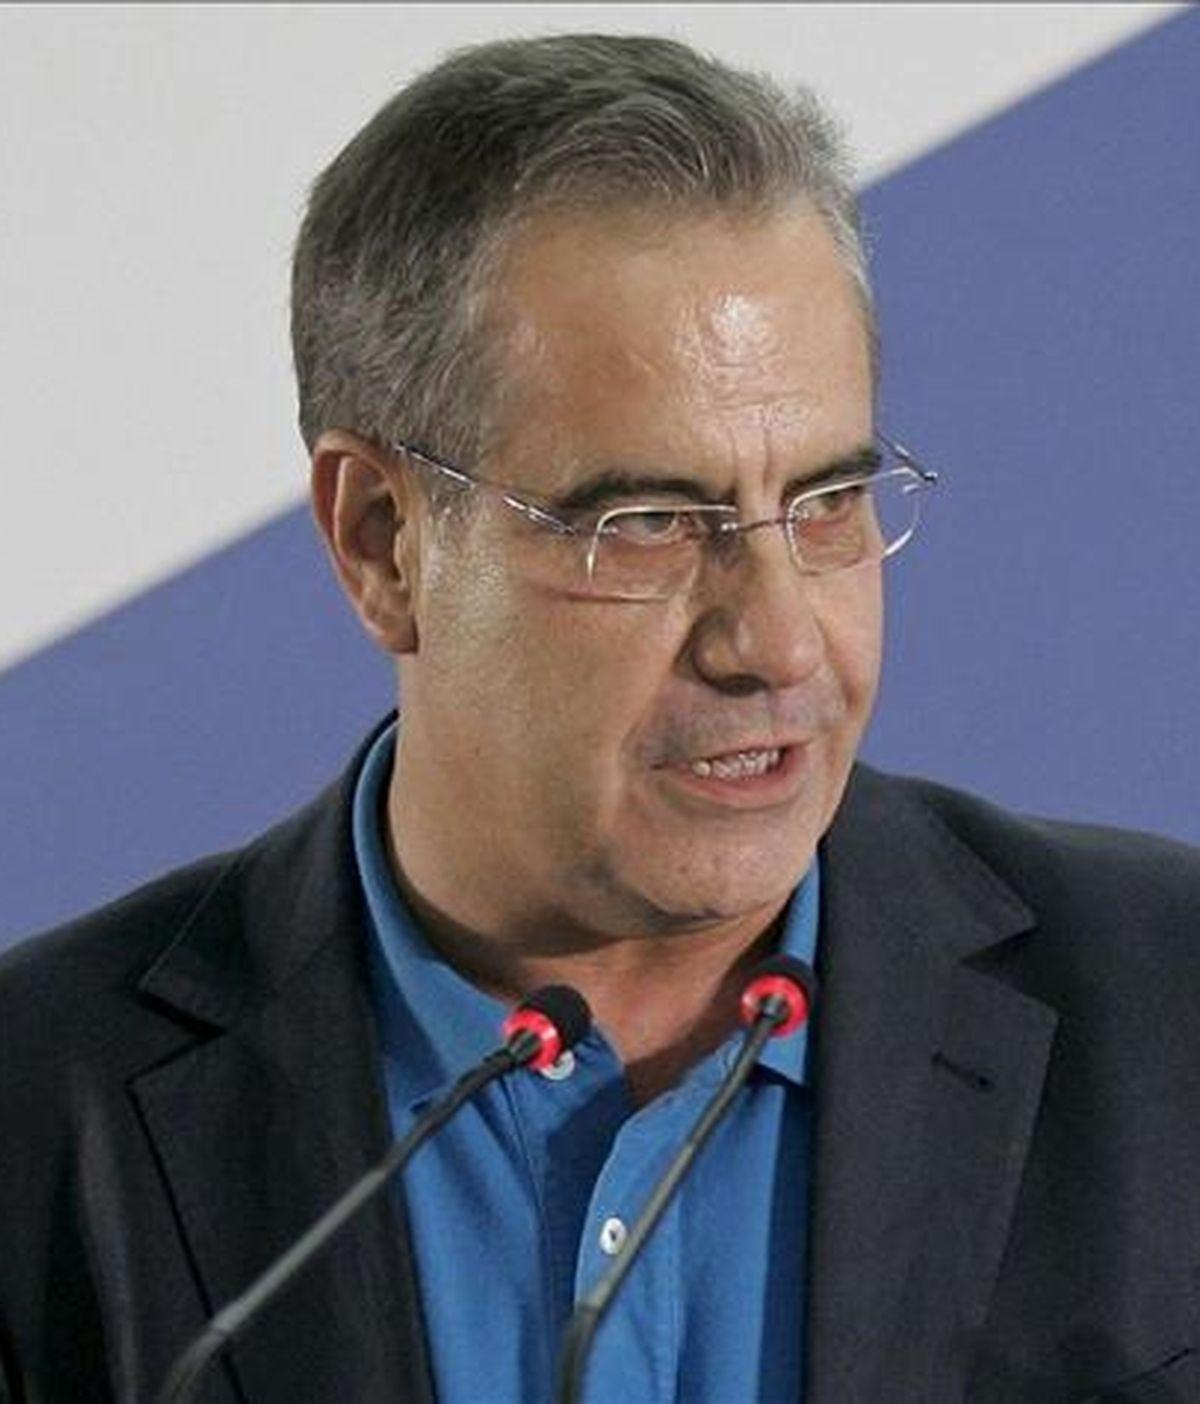 El ministro de Trabajo e Inmigración, Celestino Corbacho. EFE/Archivo